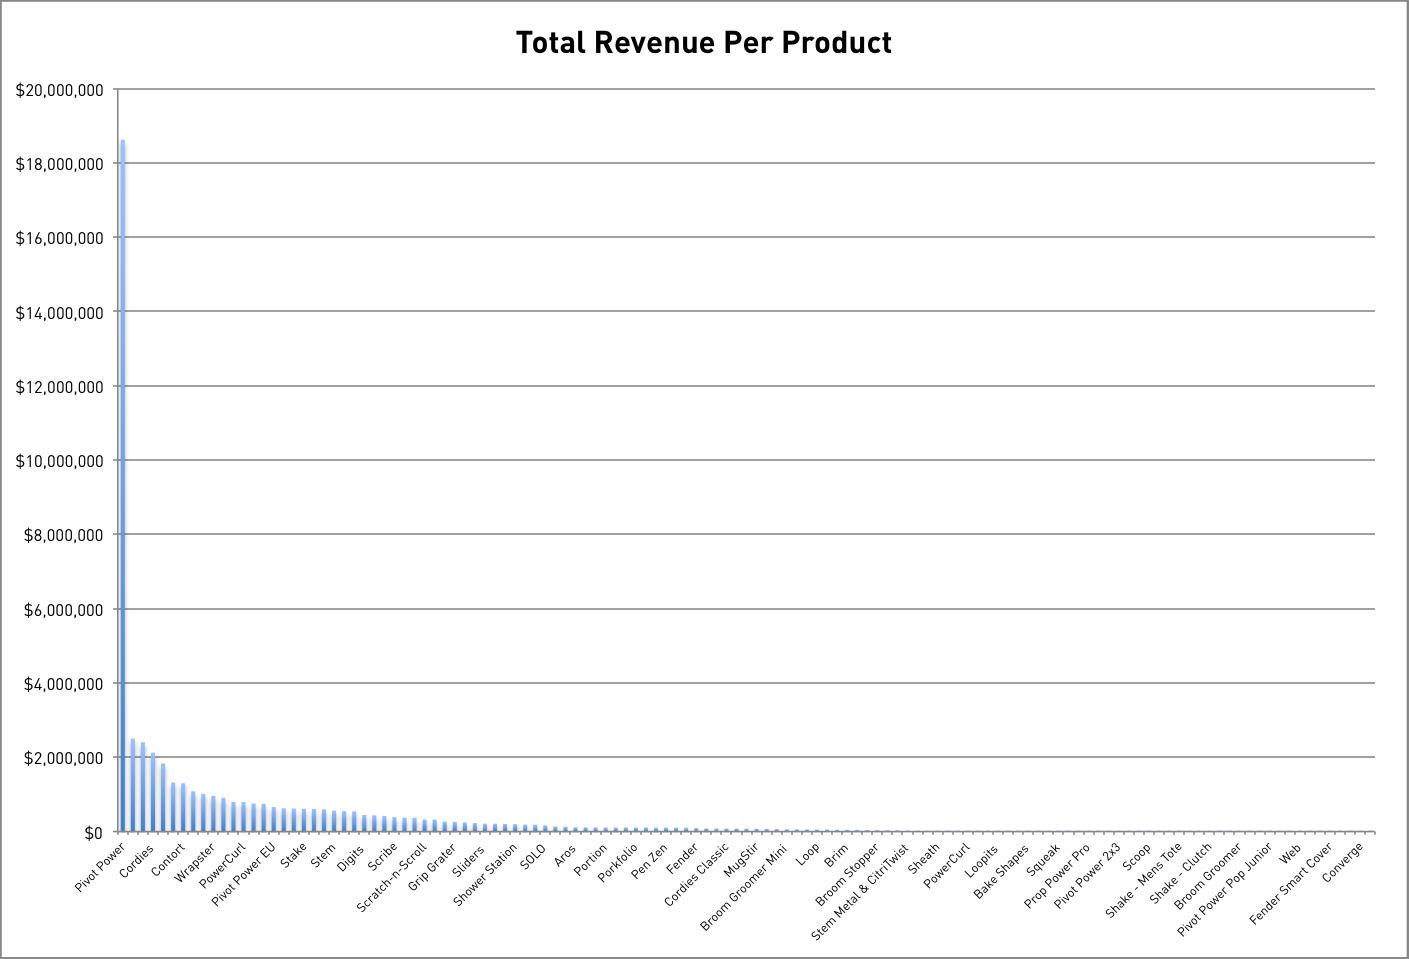 Revenue Per Product